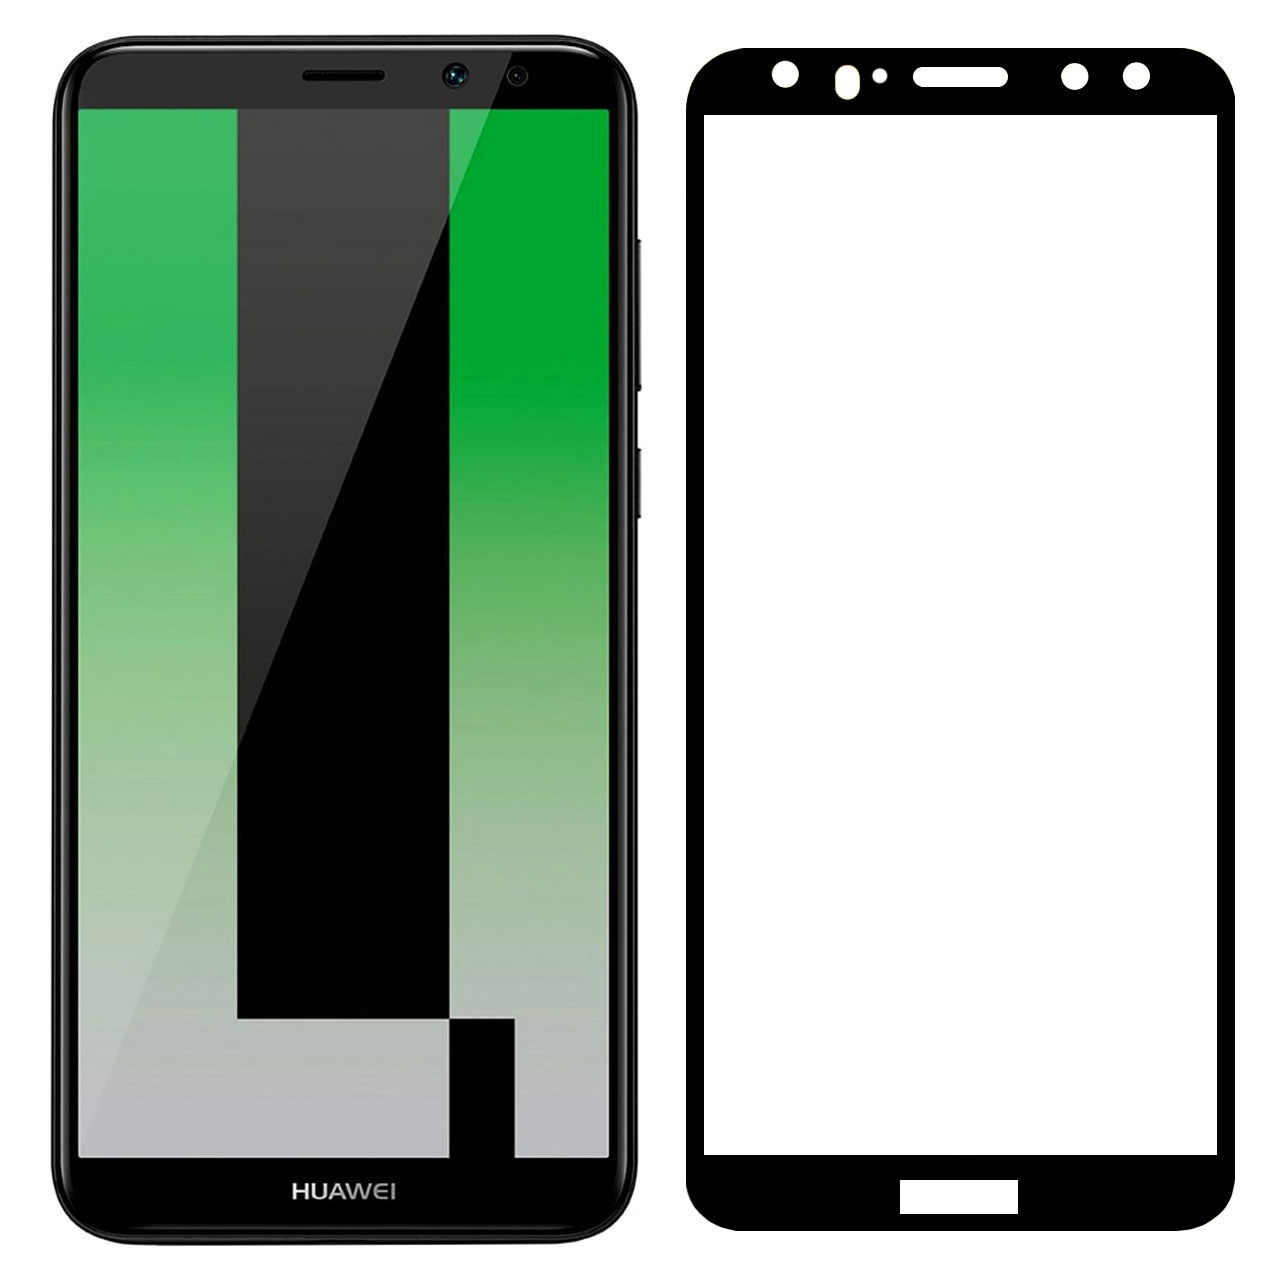 محافظ صفحه نمایش مدل FCG مناسب برای گوشی موبایل هوآوی Mate 10 Lite              ( قیمت و خرید)